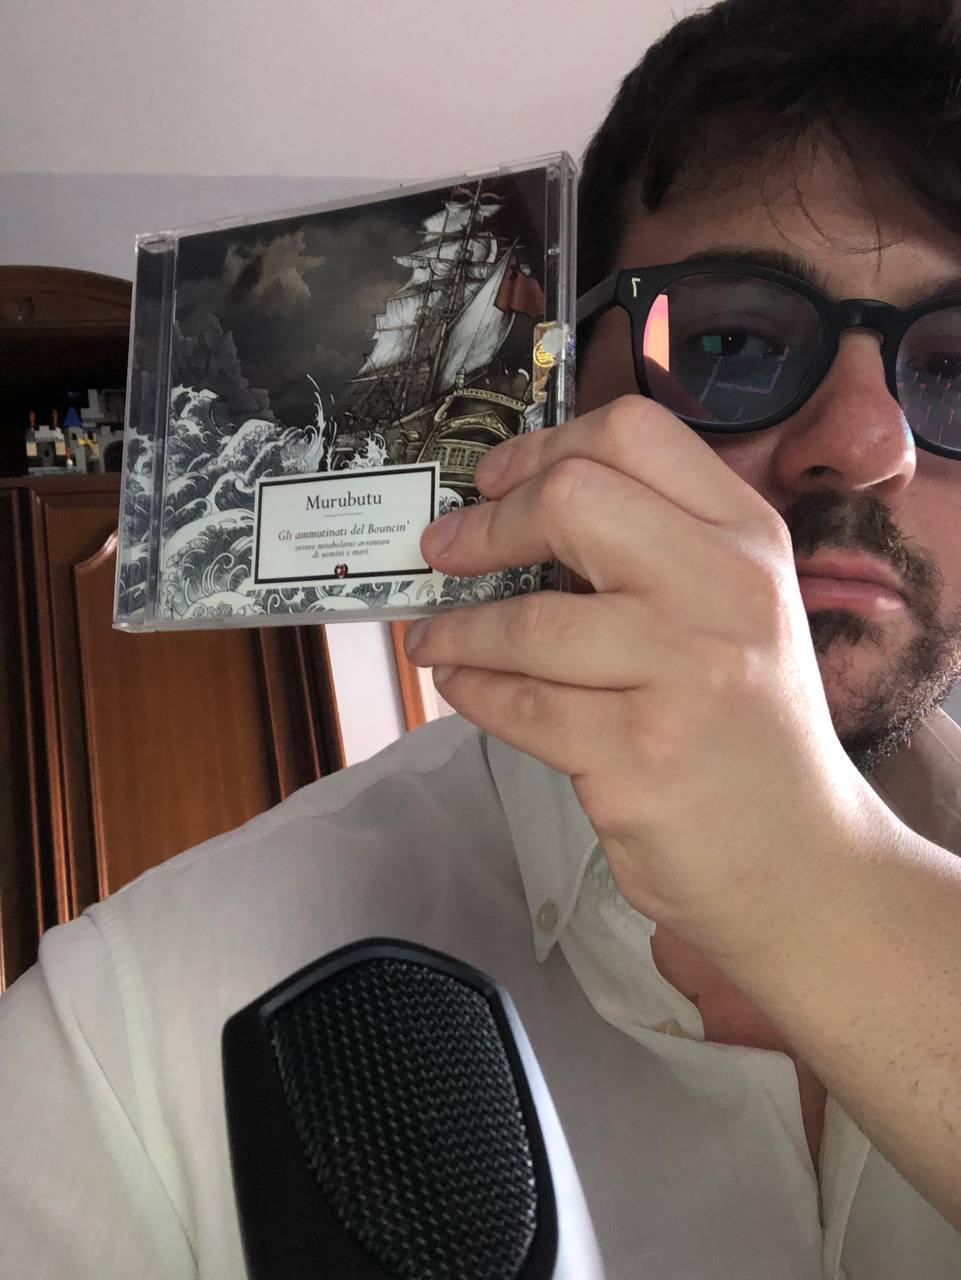 """#Recensione scritta e #Video:""""Ammutinati del Bouncin'"""" diMurbutu."""